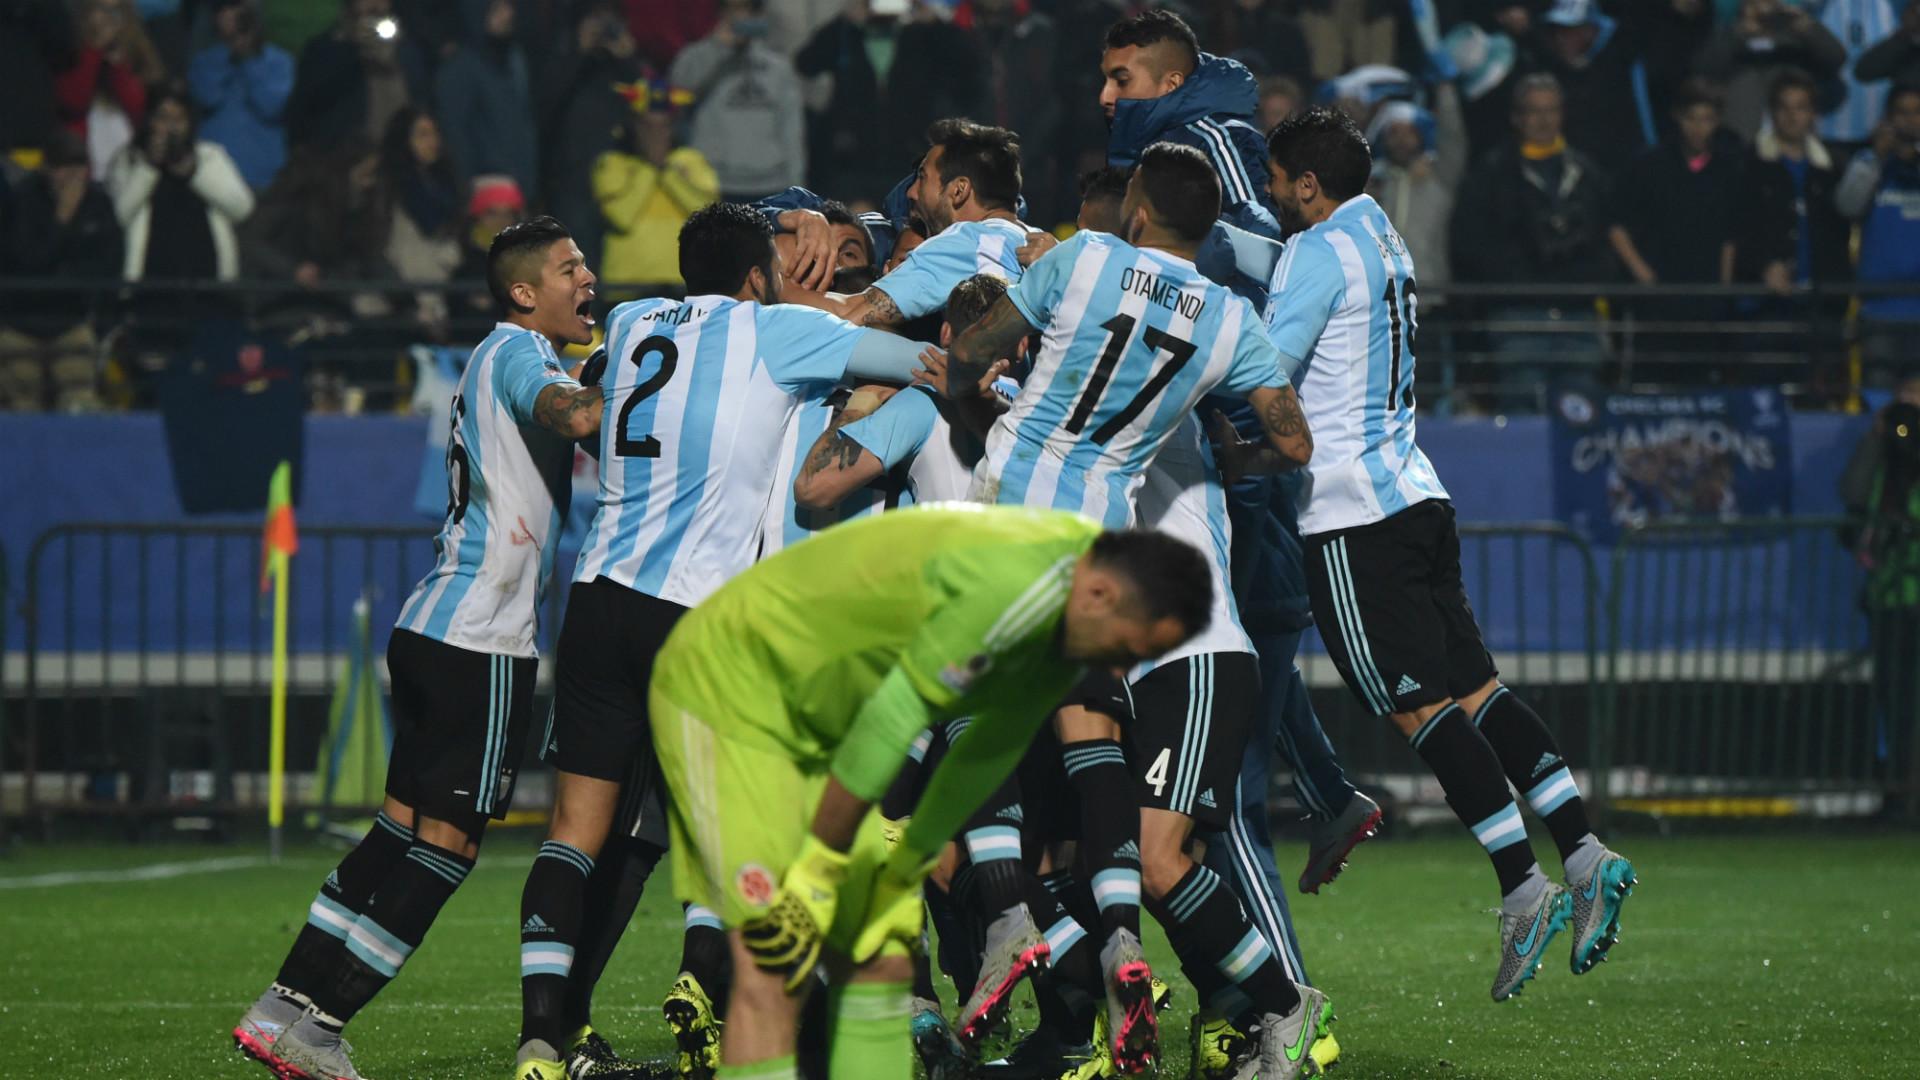 Аргентина – Колумбия – 0:0 (0:0), по пенальти 5:4